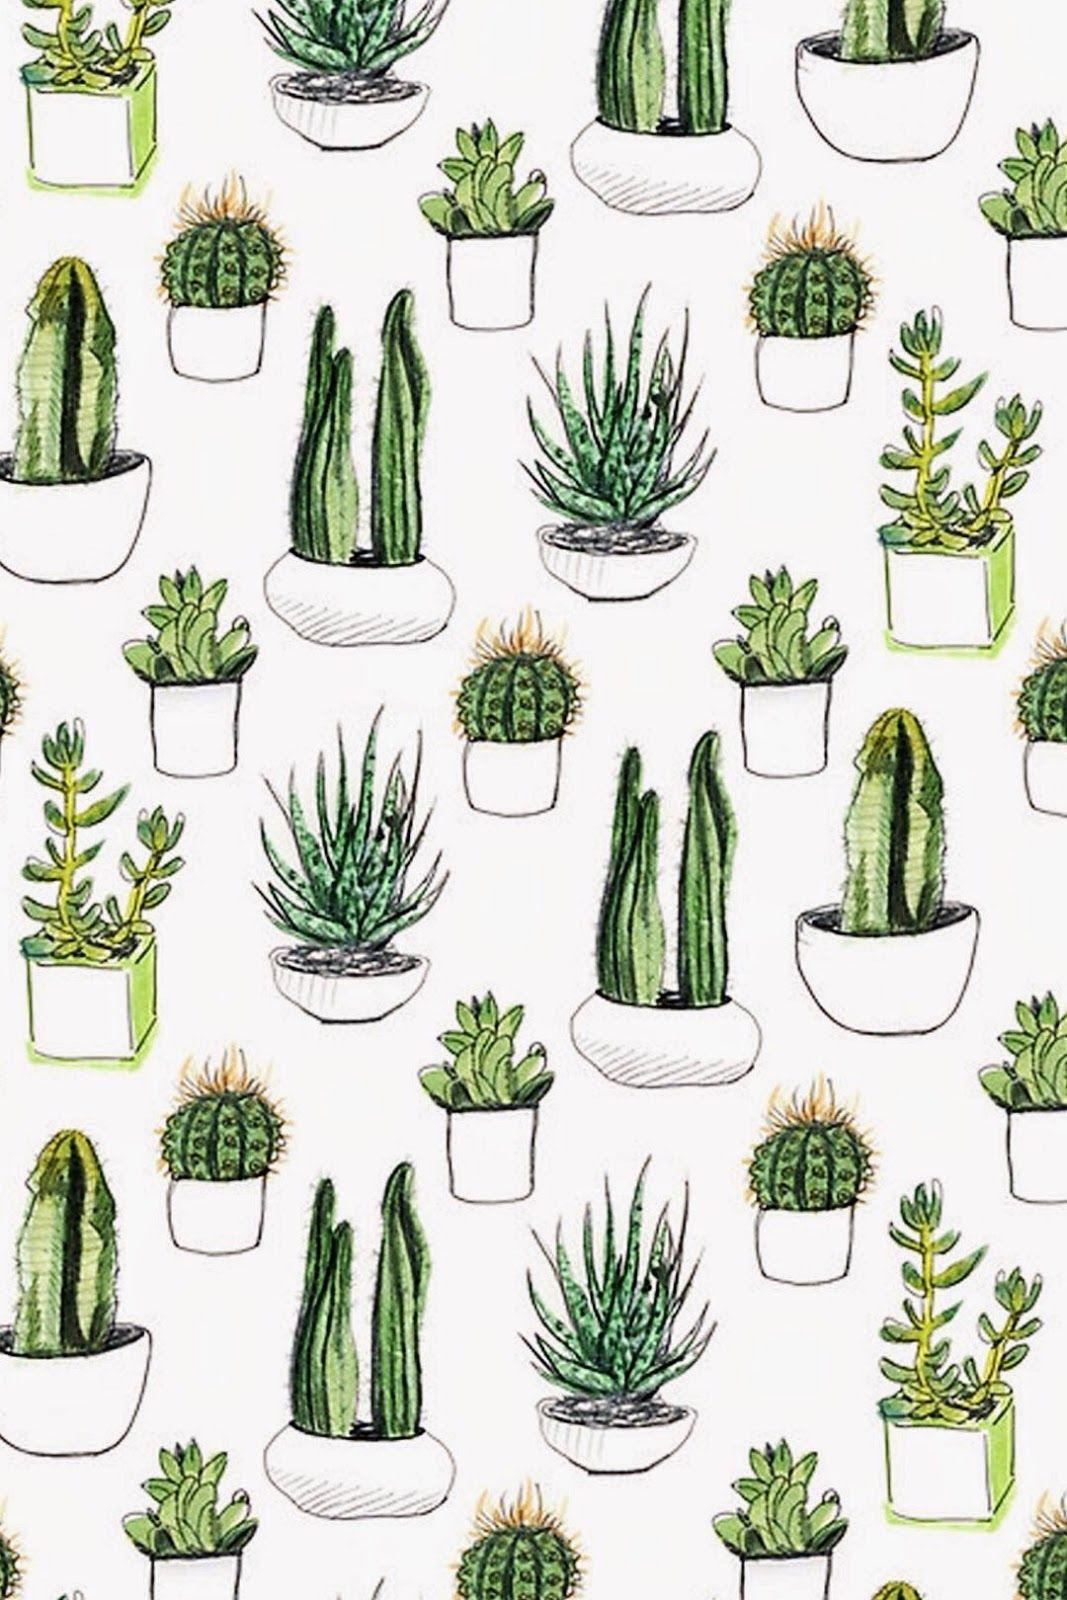 Cactus Draw More Artistas Fondos Fondos De Pantalla Fondos De